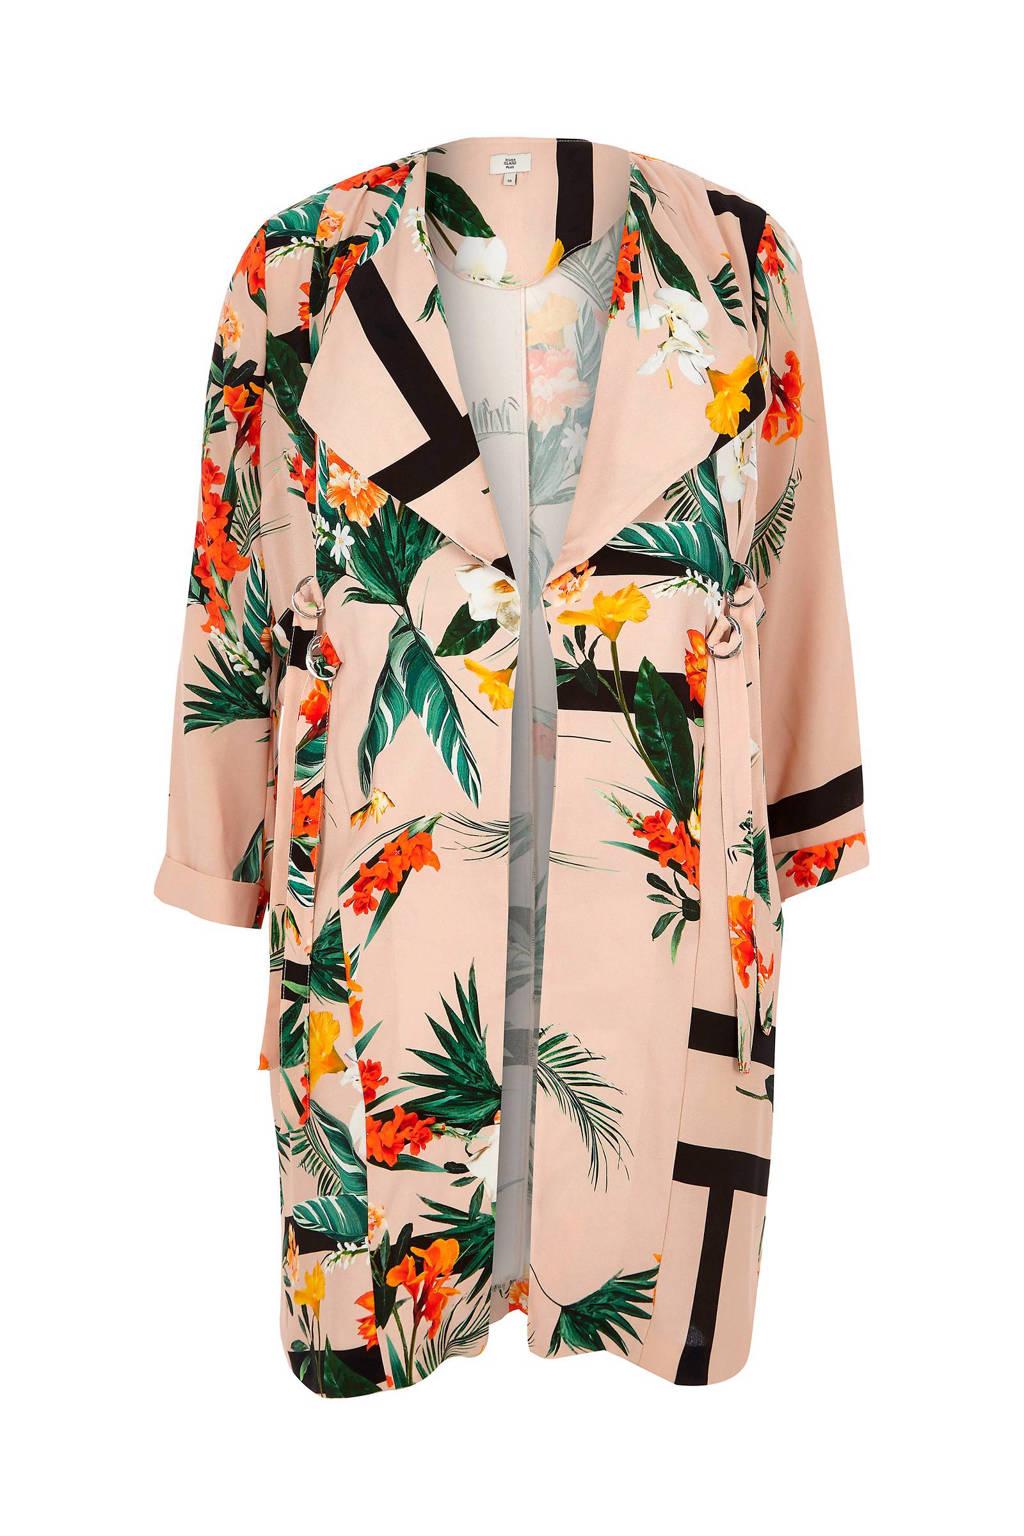 347aeab845f River Island Plus jas met bloemenprint, 100% Polyester